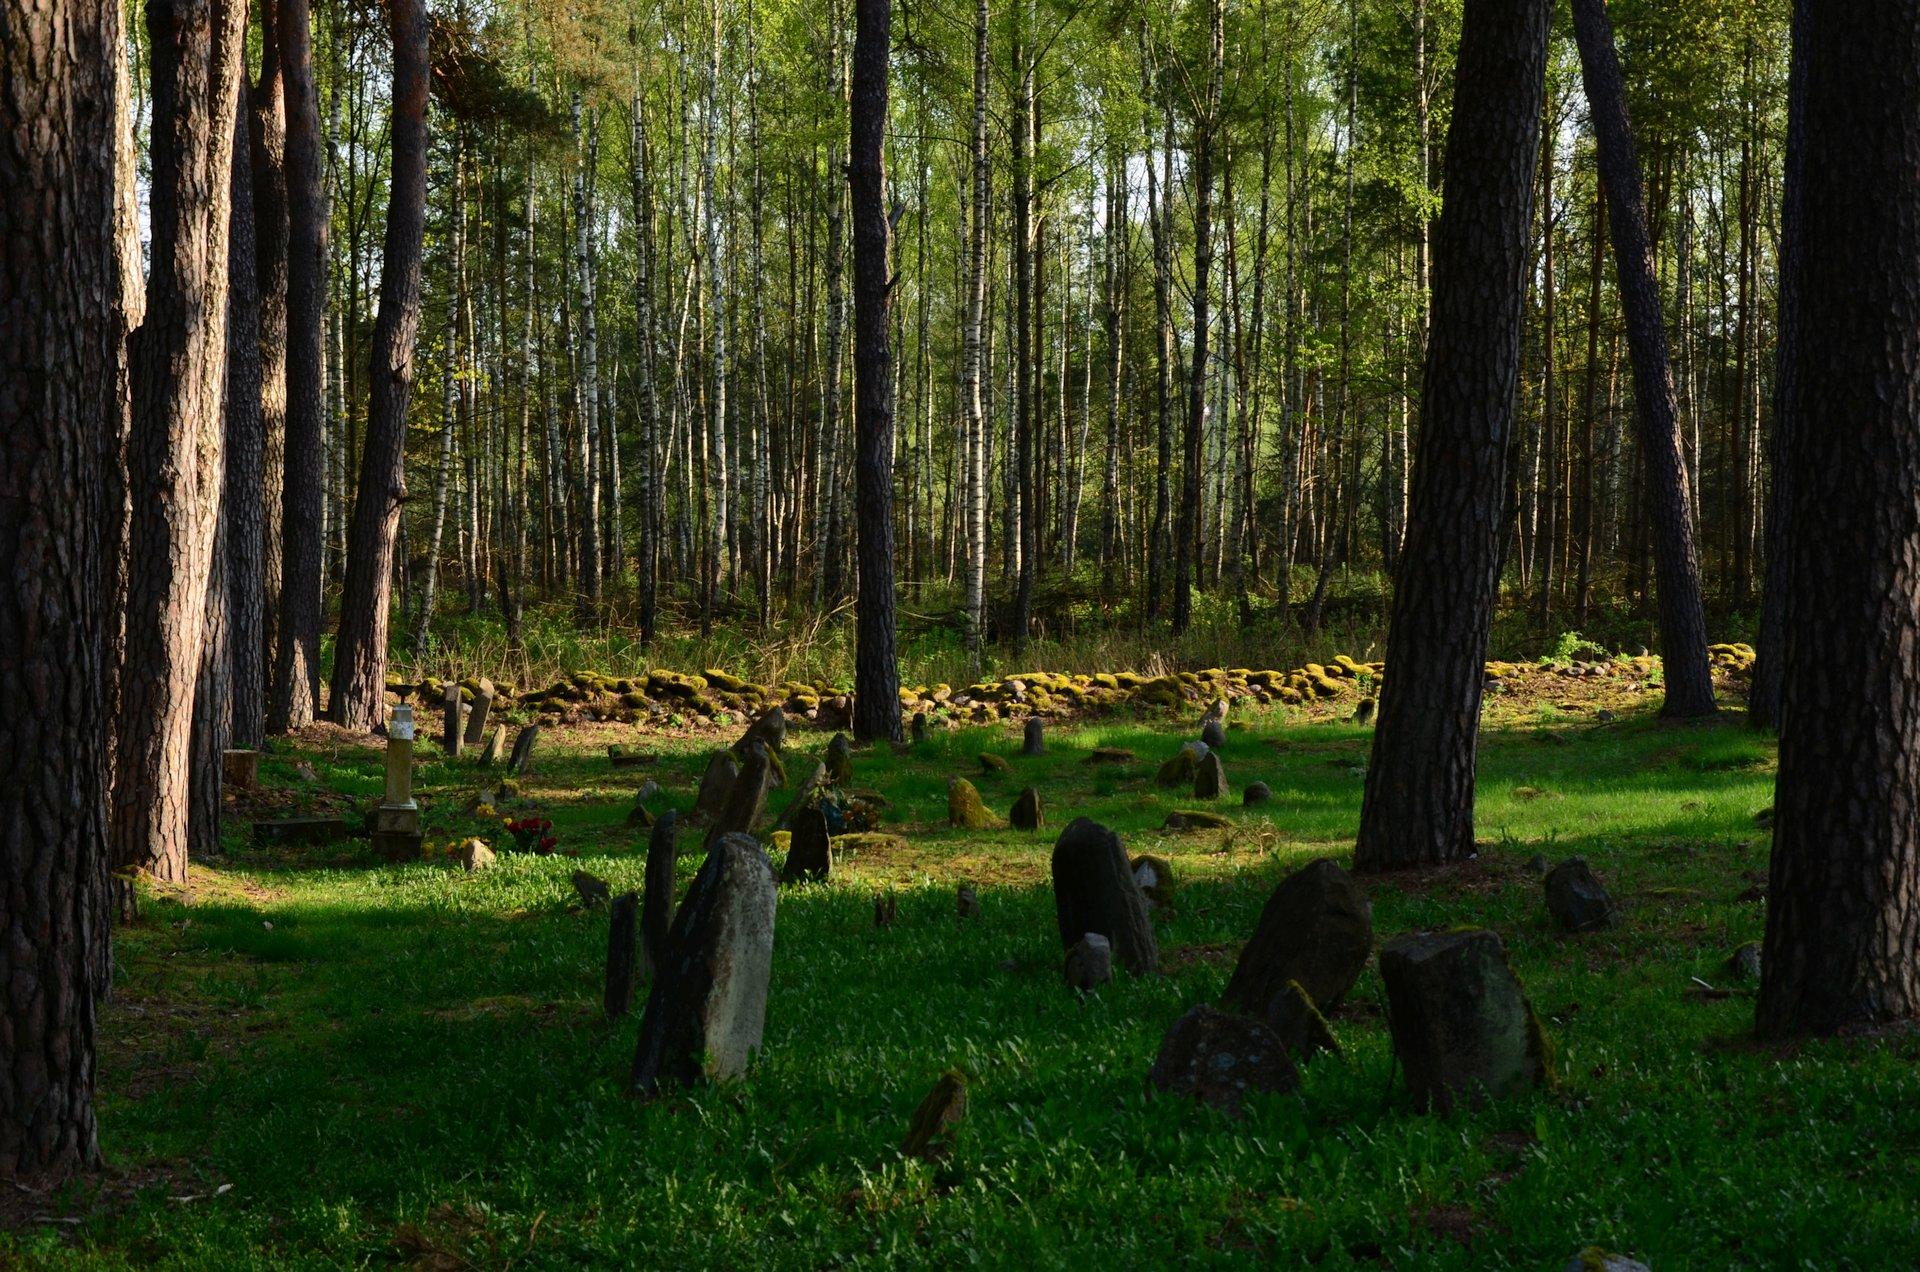 Kruszyniany cmentarz Tatarzy Muzułmanie religia Islamfree photo darmowe zdjęcie